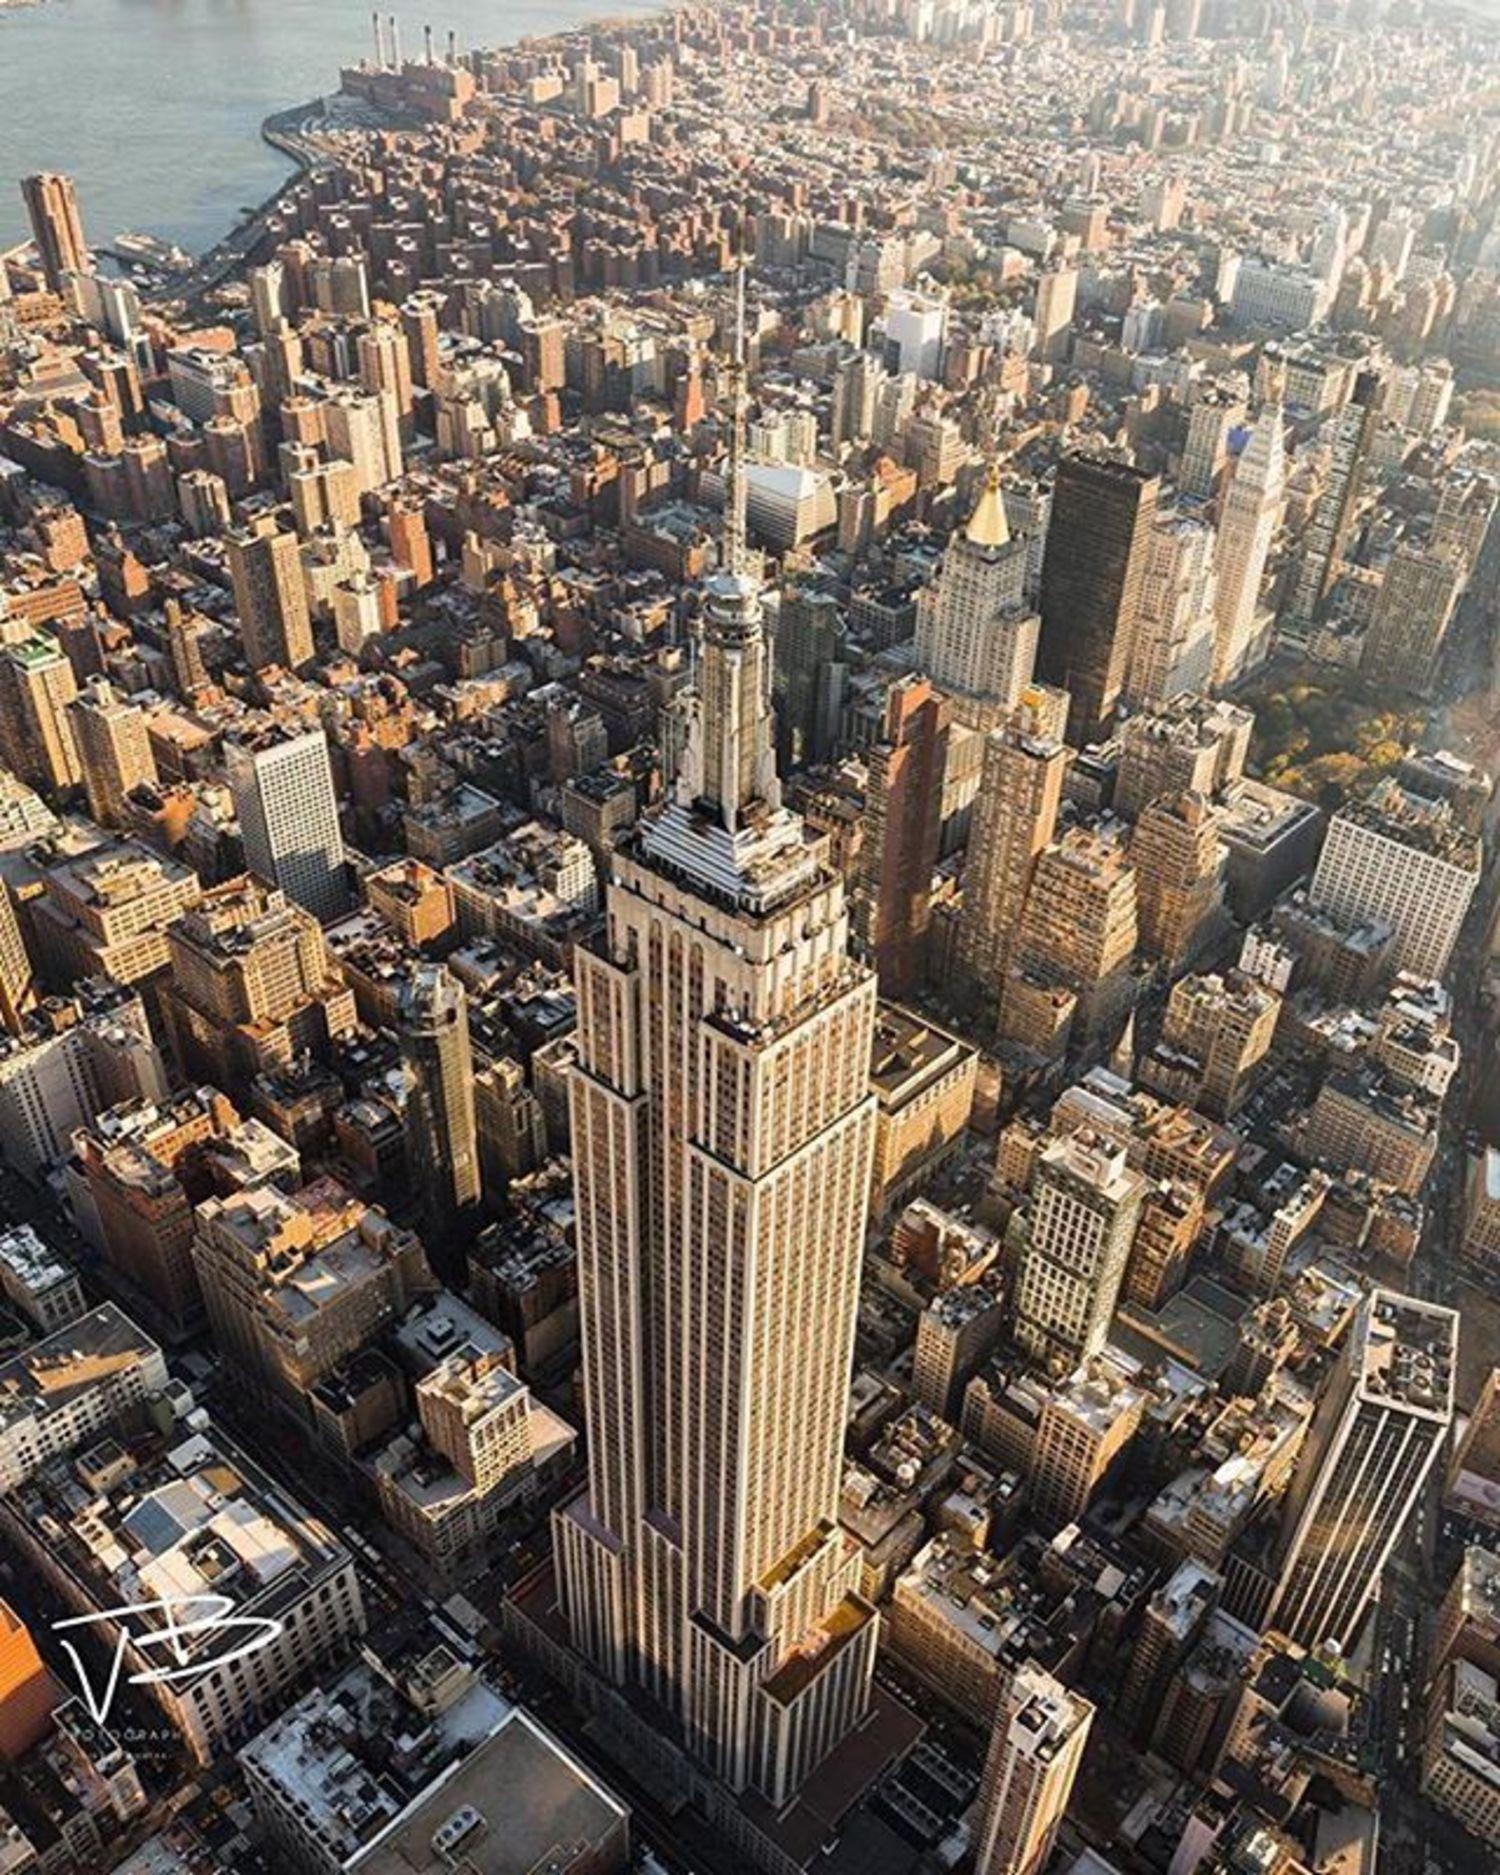 Empire State Building, New York, New York. Photo via @vikvik7 #viewingnyc #newyorkcity #newyork  #nyc